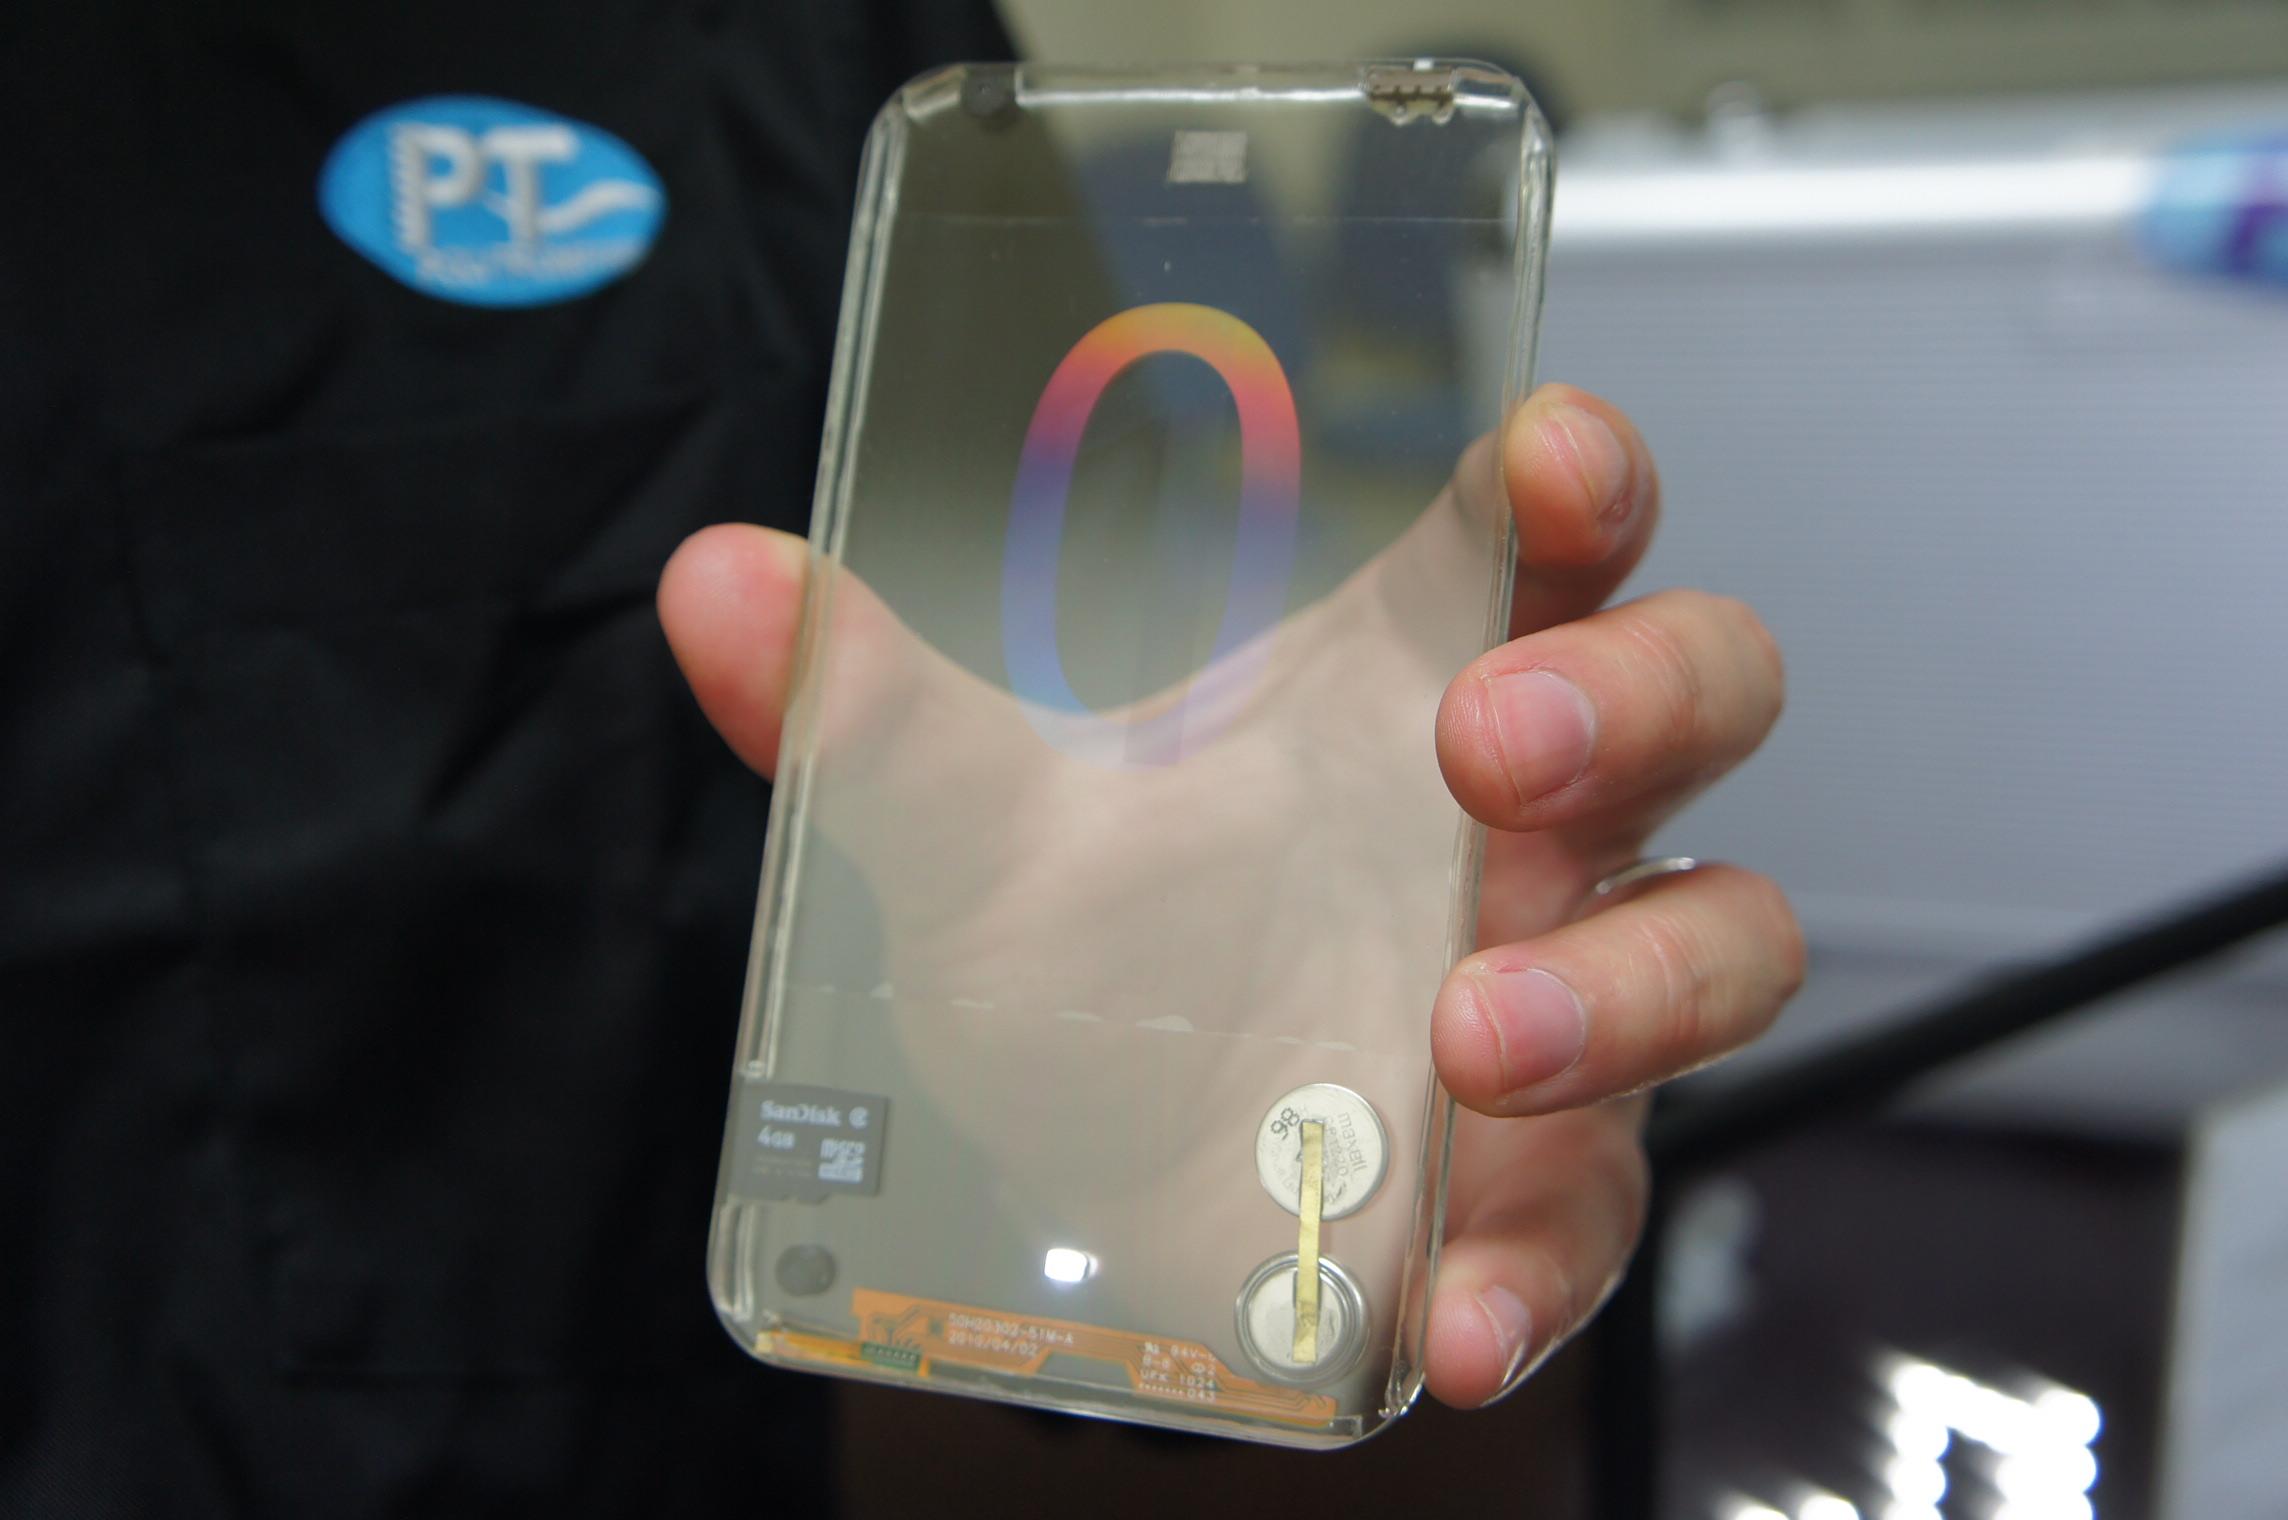 Transparente Smartphones aus Glas noch in diesem Jahr – Hands-on mit Prototyp